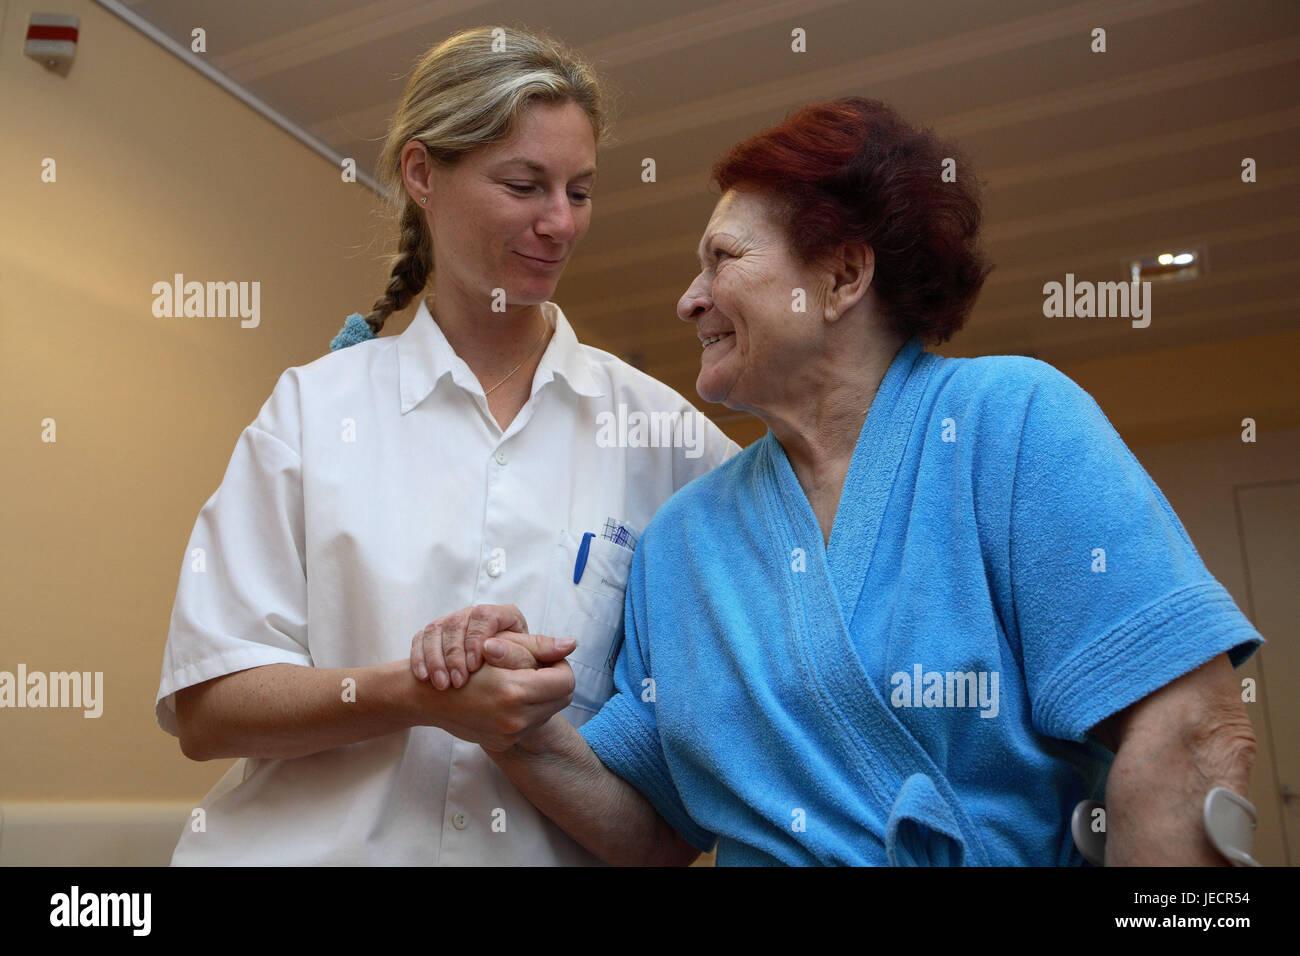 Clínica, fisioterapeuta, paciente, senior, muletas, plomo, poca práctica, ayuda, contacto con los ojos, Imagen De Stock